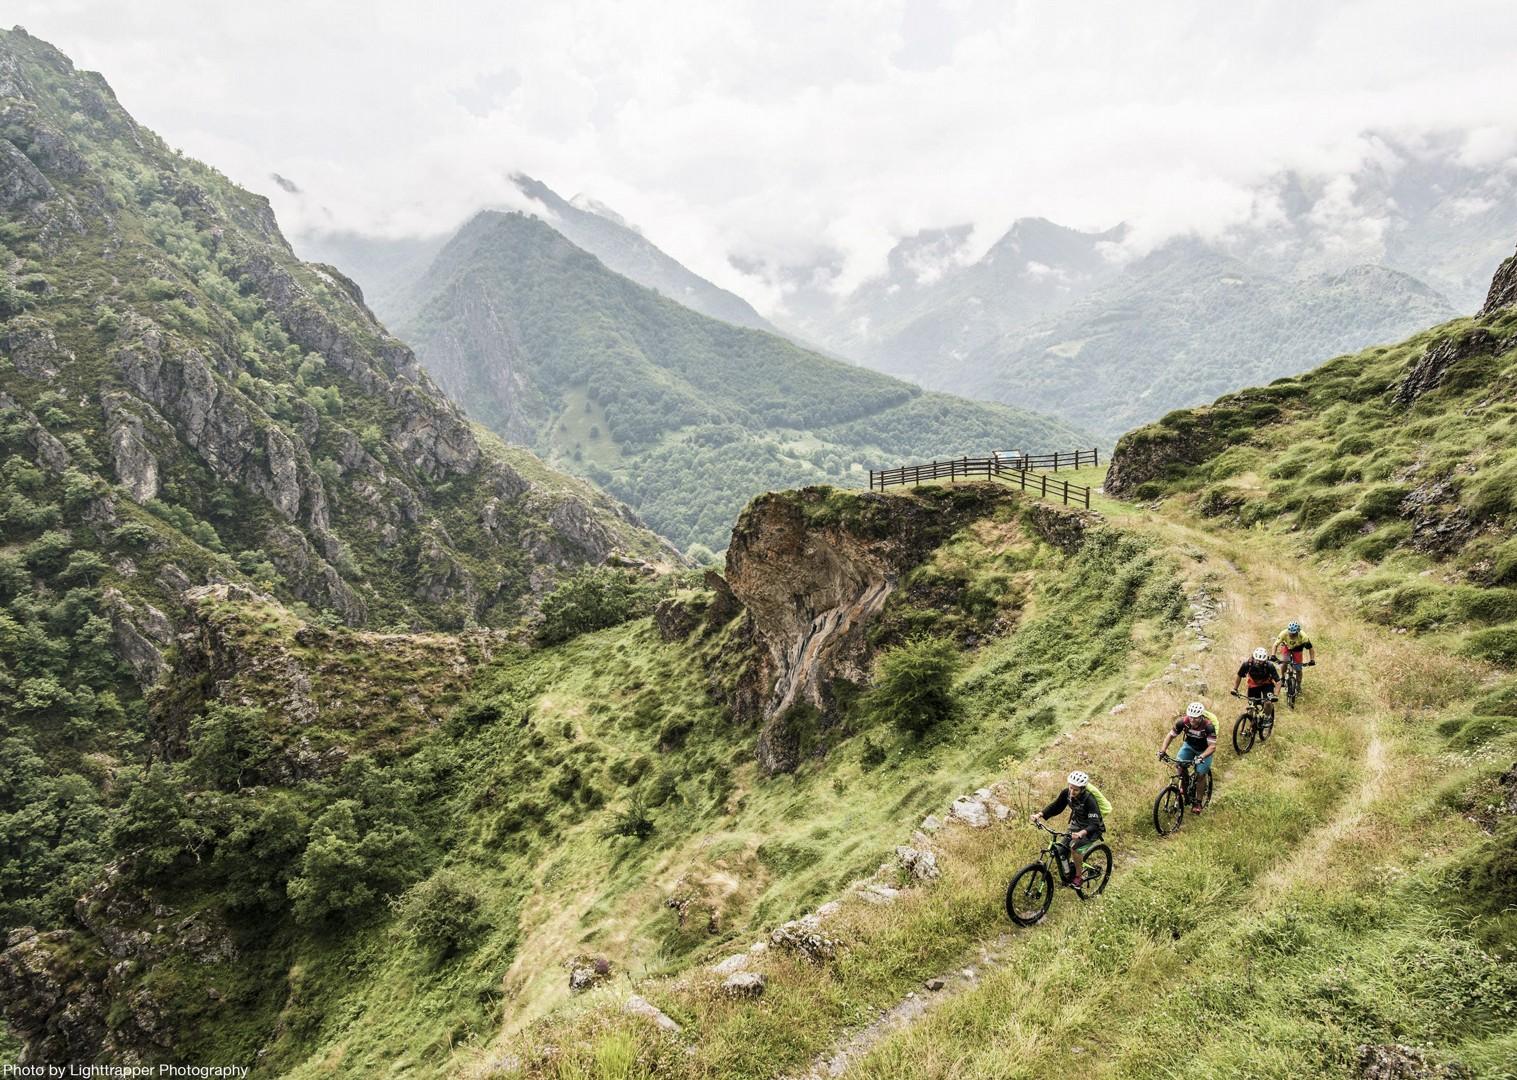 group-guided-cycling-northern-spain-picos-de-europa.jpg - Spain - Picos de Europa - Trans Picos - Guided Mountain Bike Holiday - Mountain Biking